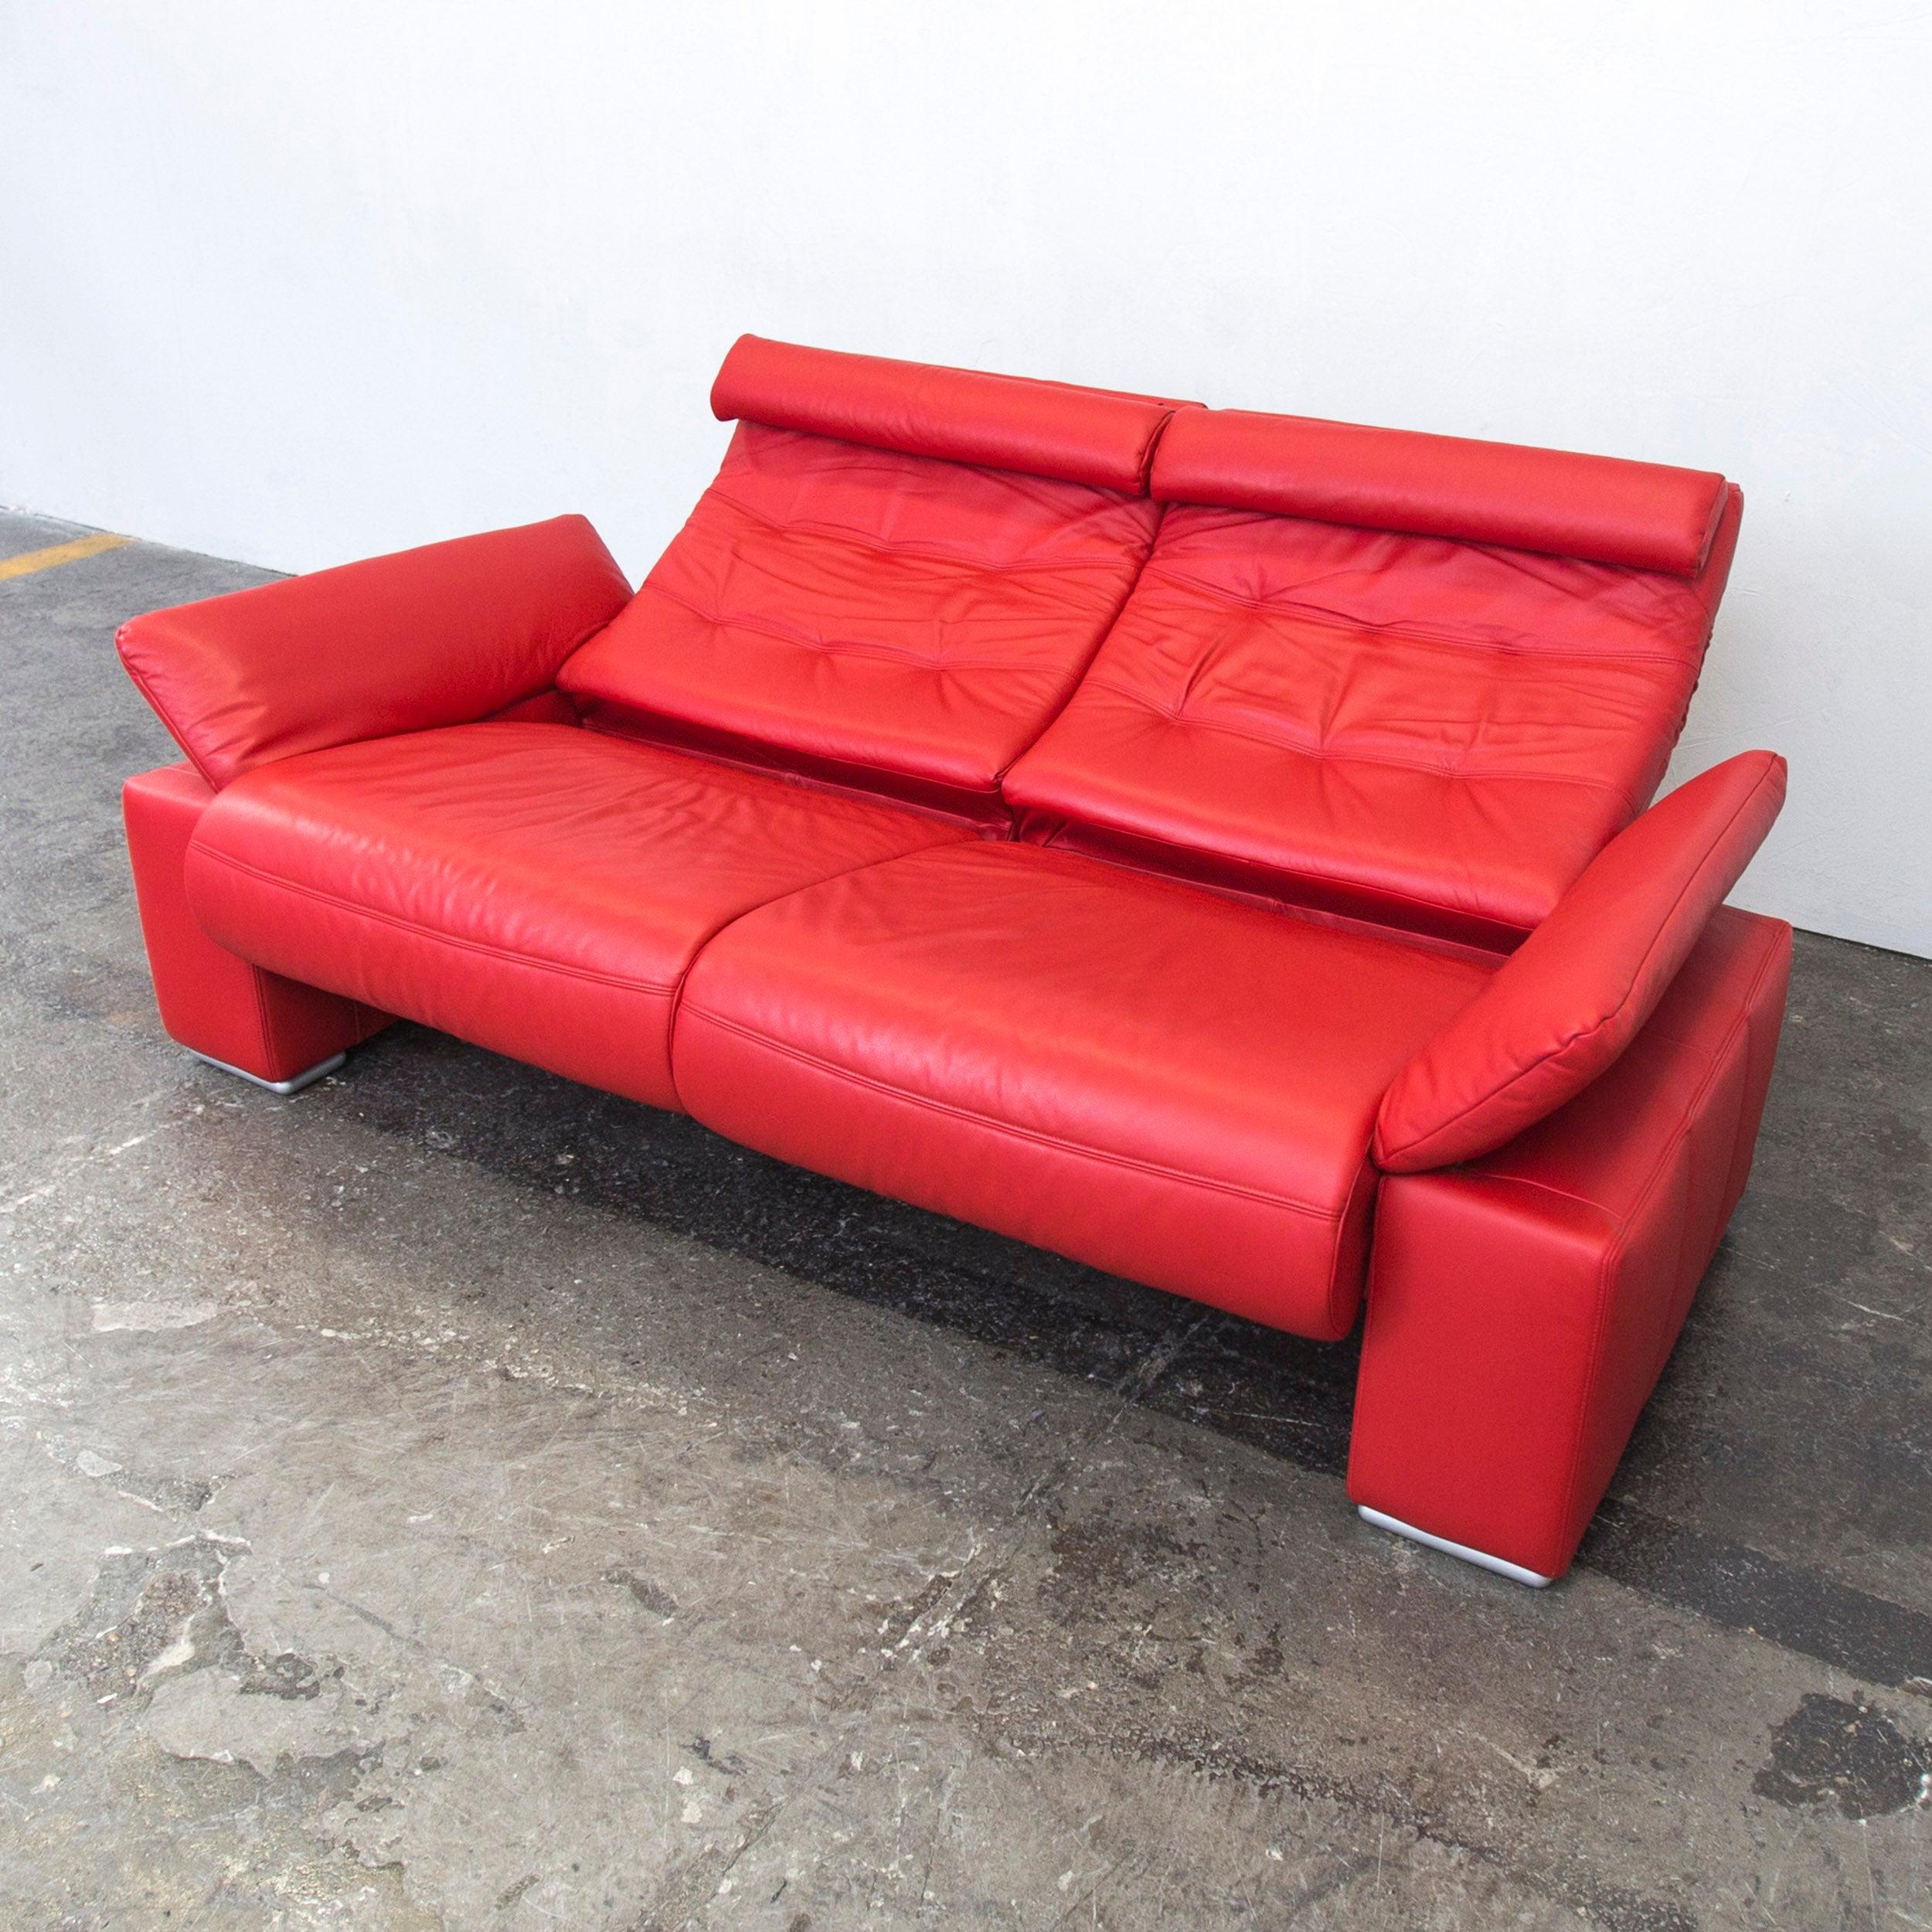 Verführerisch Sofa Mit Funktion Das Beste Von Corona Savena Designer Red Leather Two-seat Couch